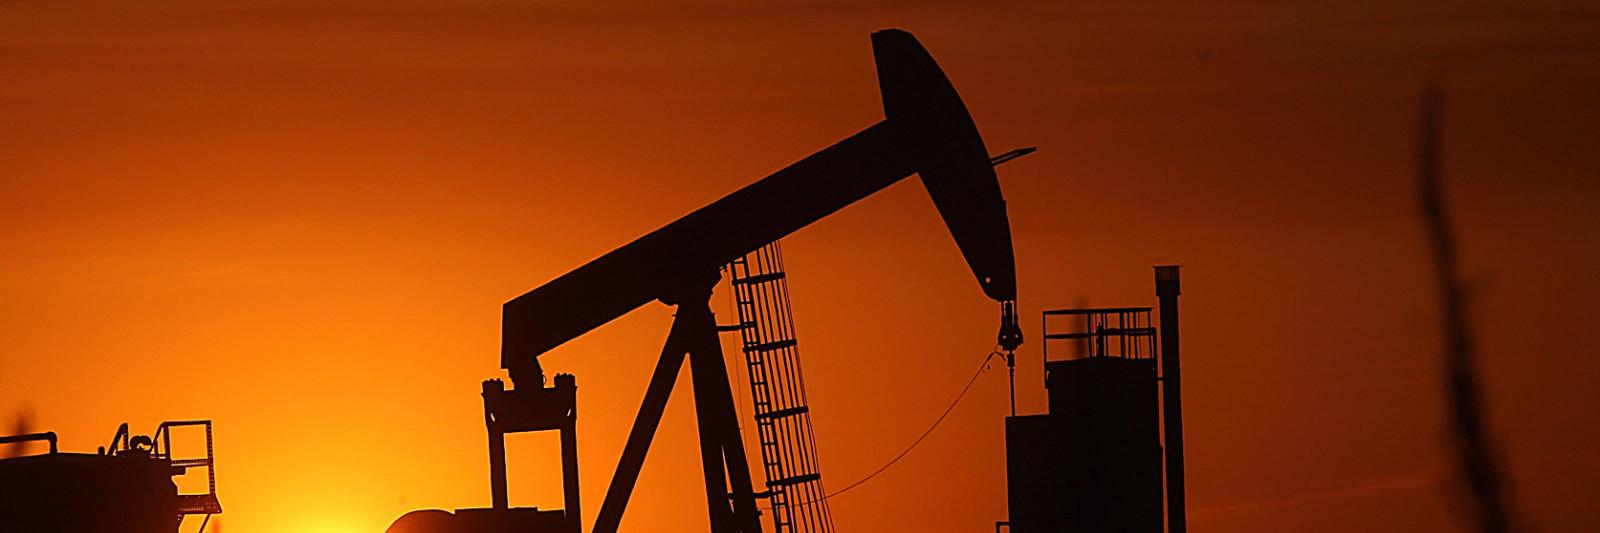 Oil-Rig-w1600-w1600.jpg